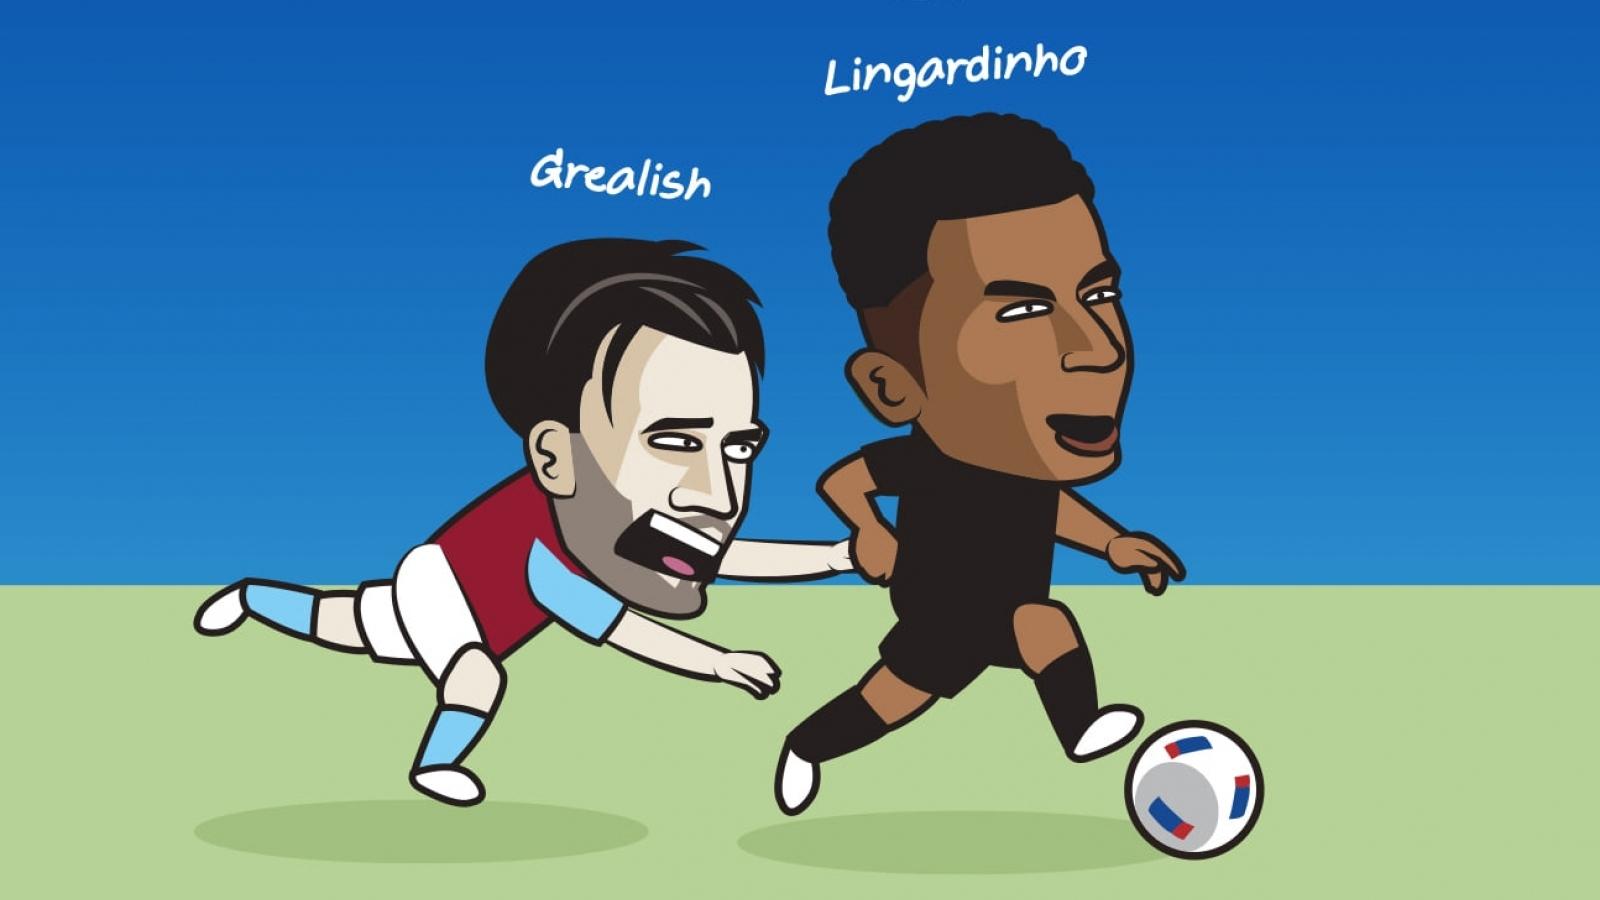 """Biếm họa 24h: """"Lingardinho"""" và David Moyes khiến người hâm mộ ngây ngất"""